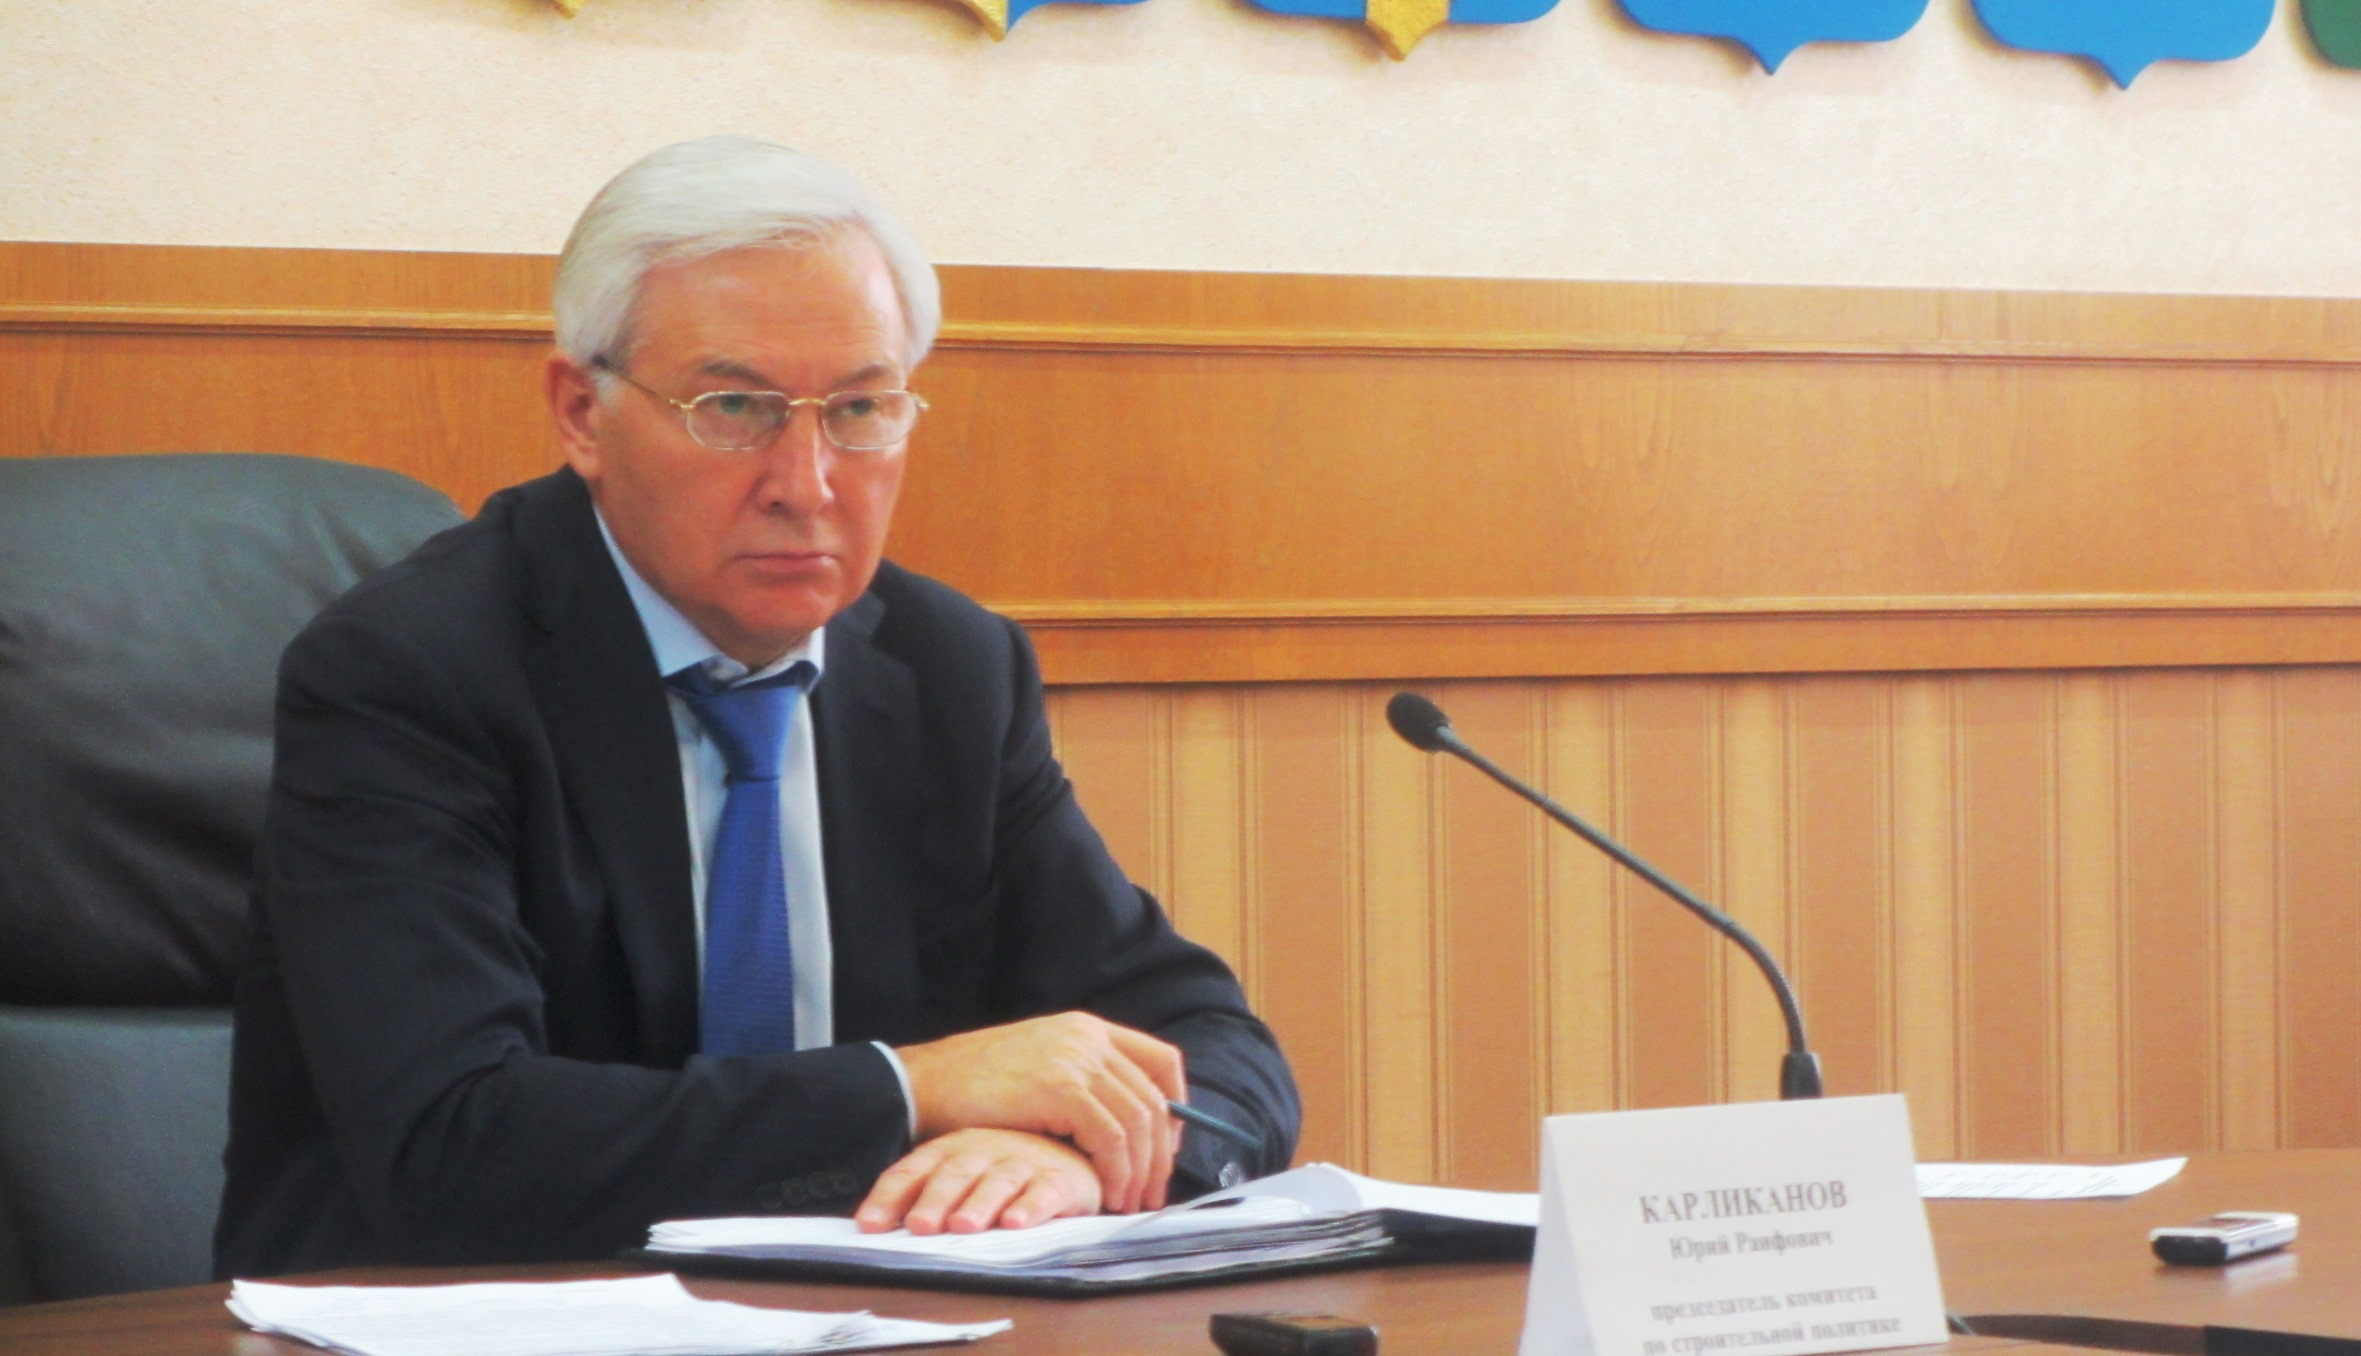 Как сообщил начальник управления строительства регионального минстроя Андрей Фалейчик на заседани